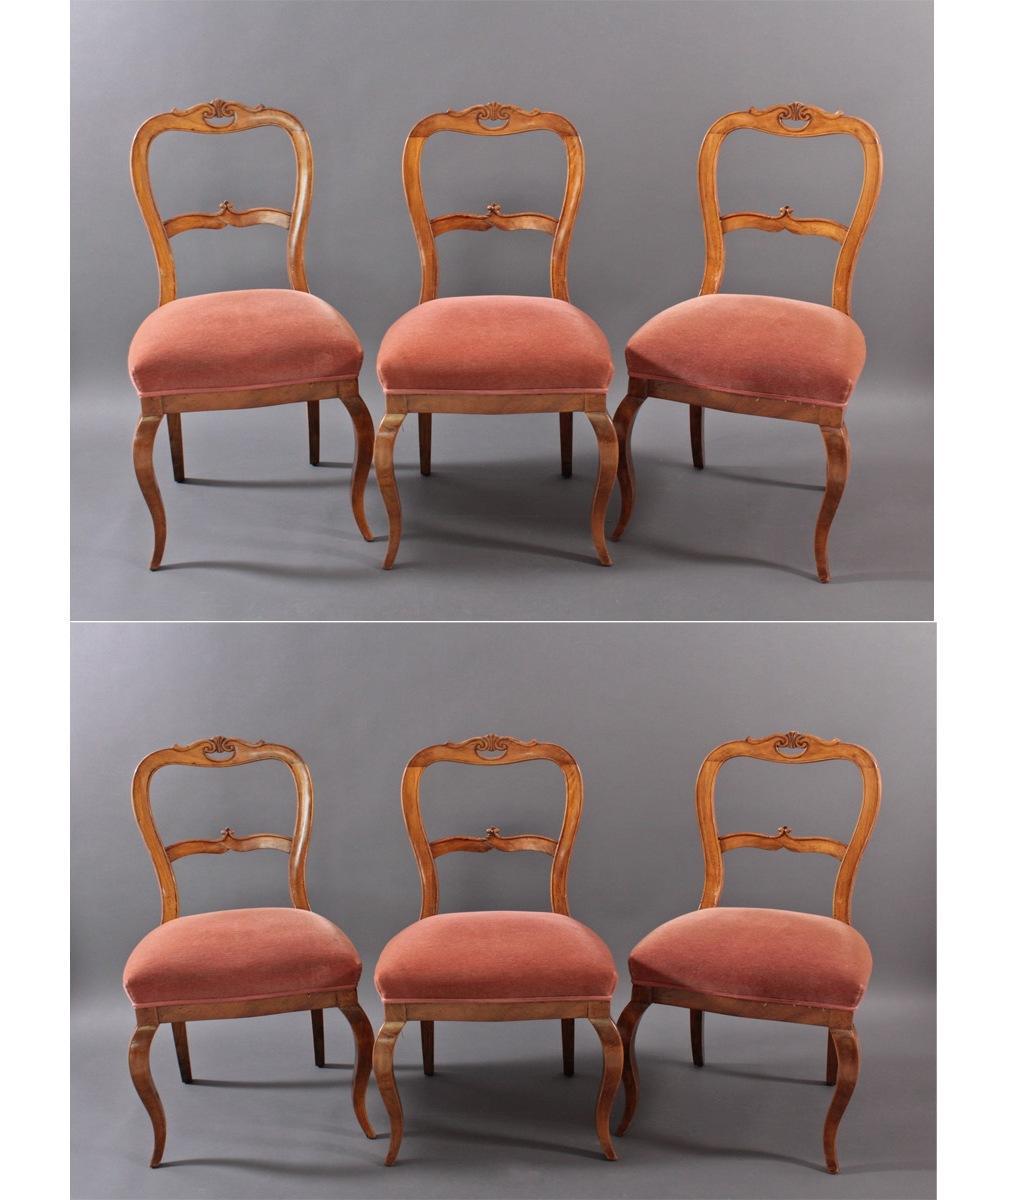 6 Stühle aus dem 19. Jh.